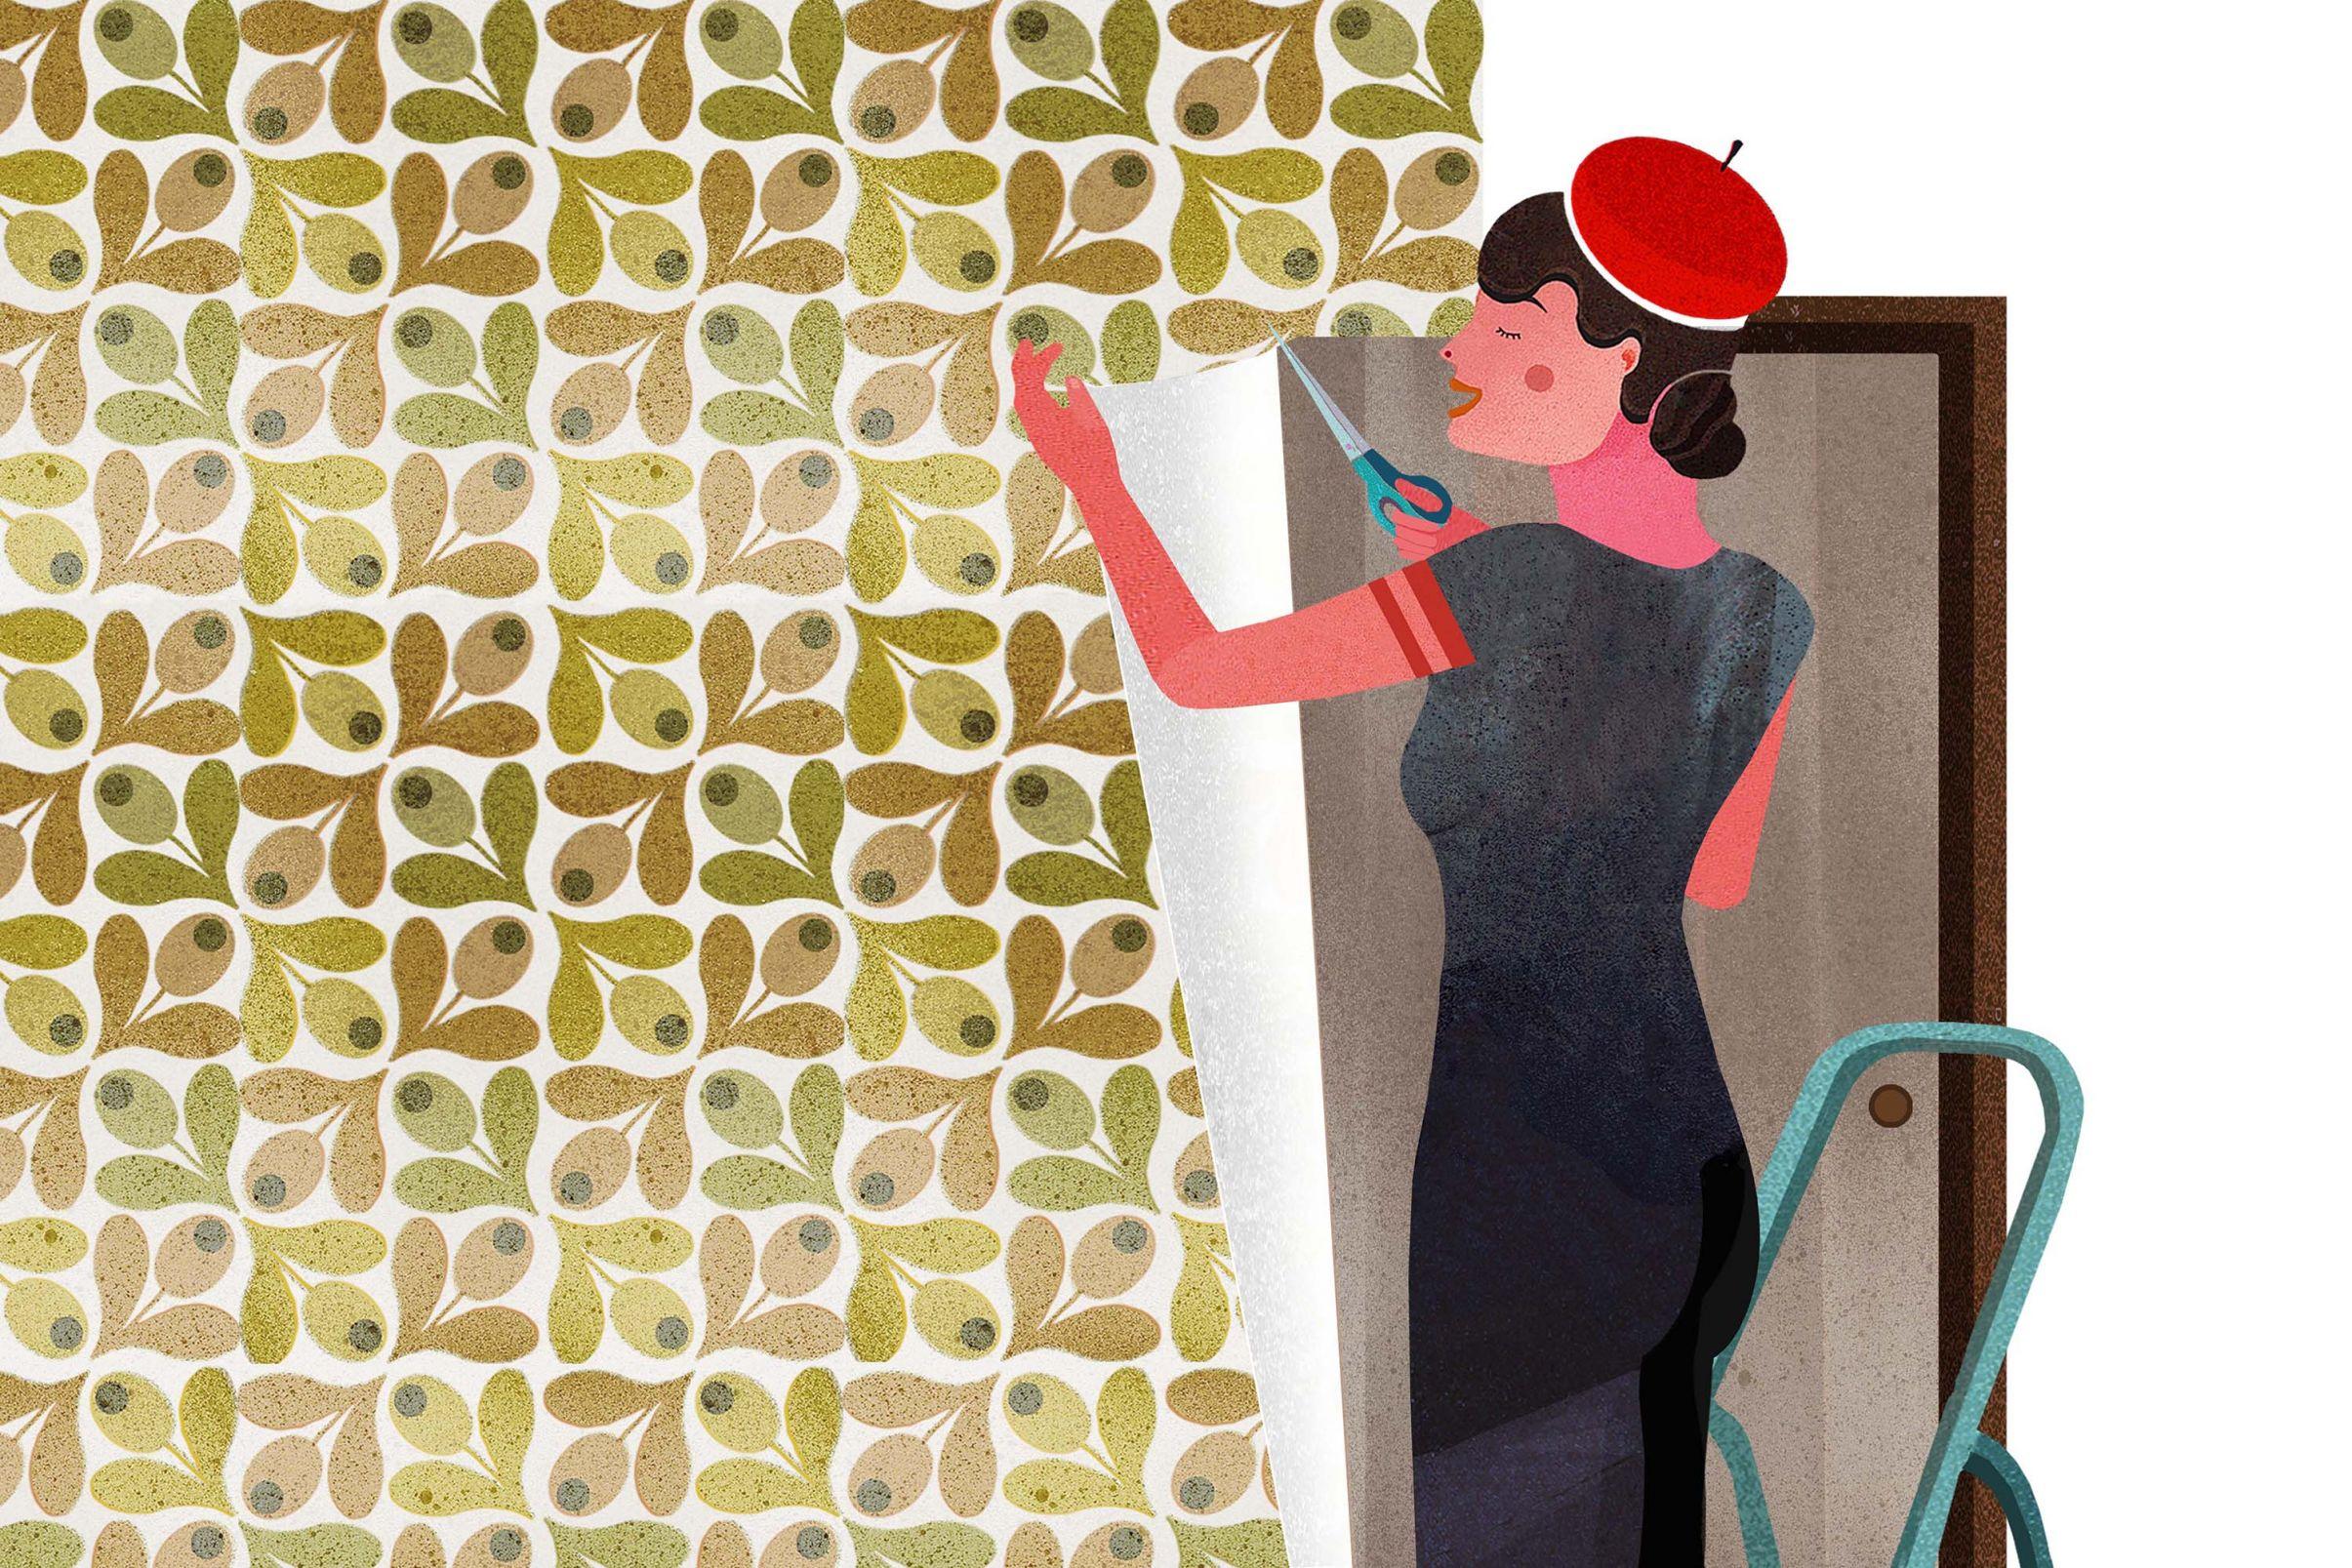 Comment-poser-du-papier-peint-autour-des-fenetres-et-des-portes-Appliquer-le-papier-peint-autour-de-la-porte